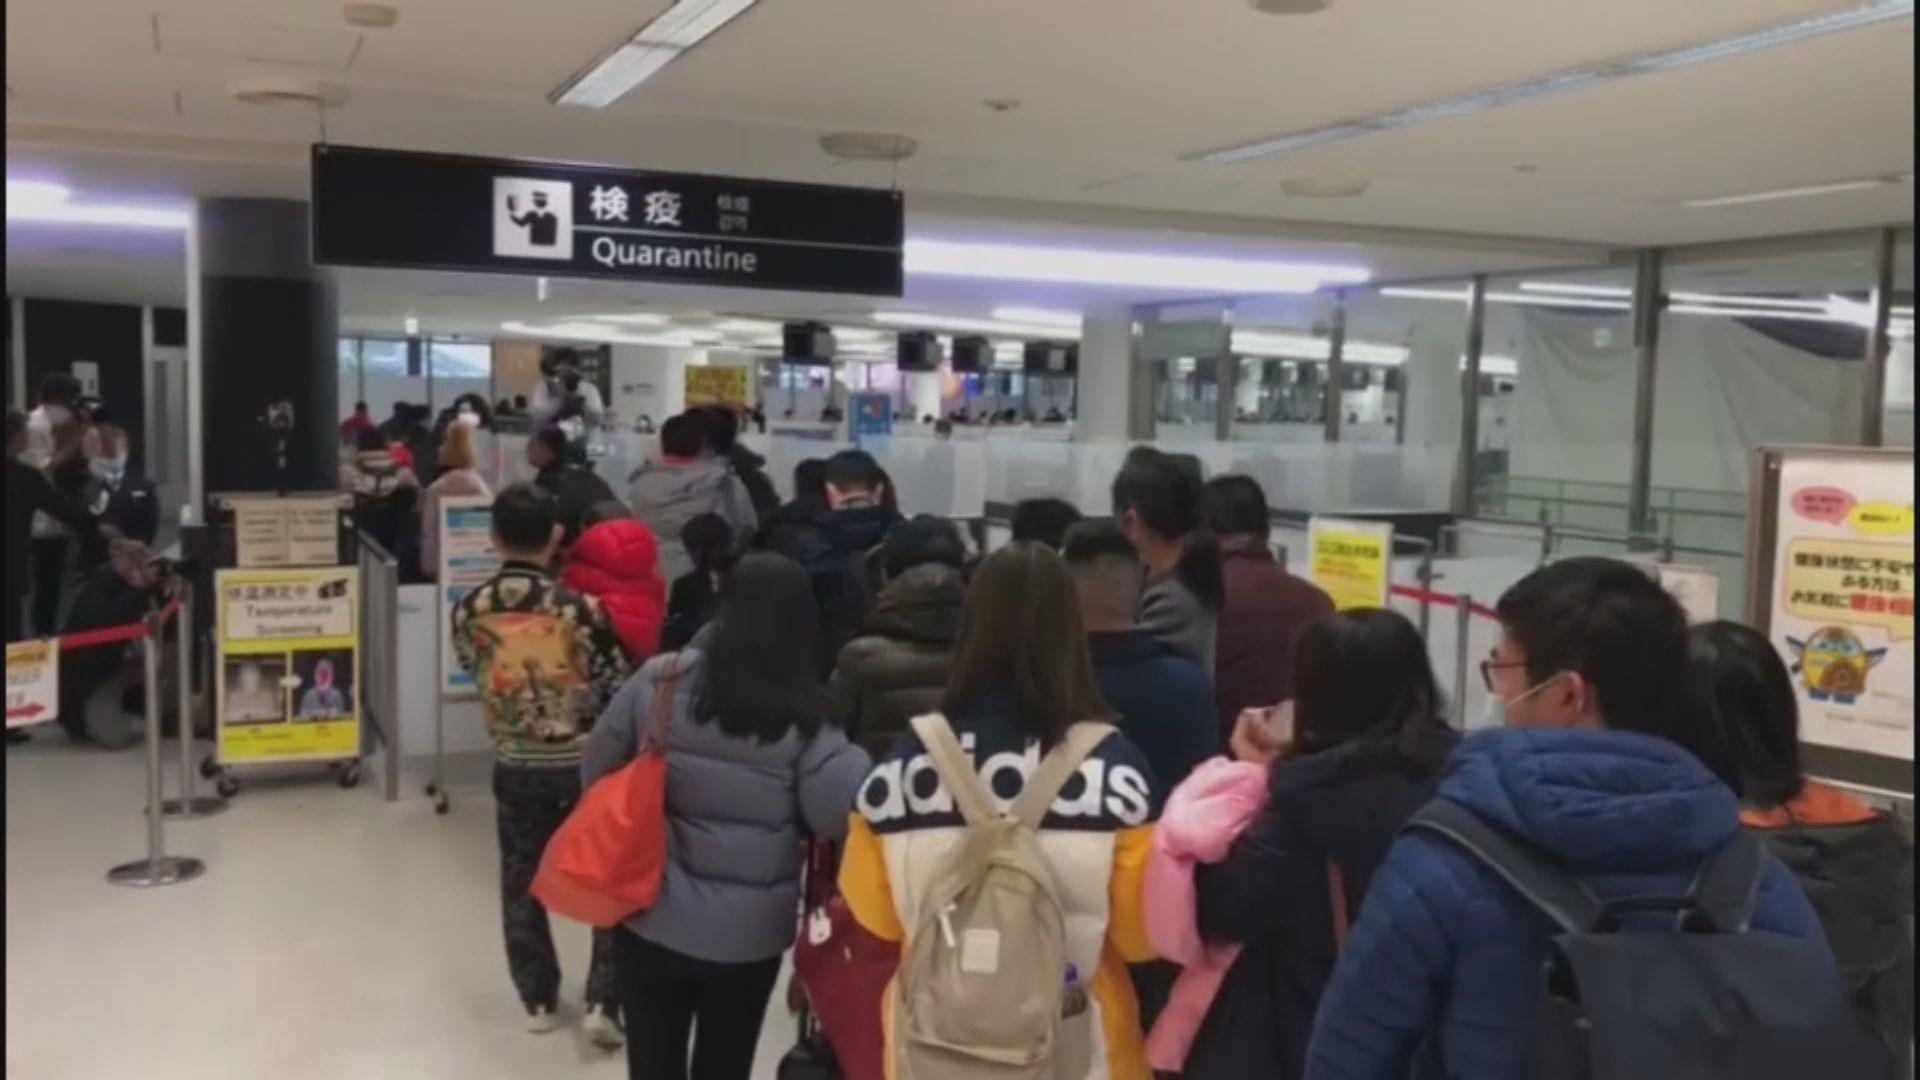 【日本疫情】傳日本擬暫取消港澳旅客 免簽證入境安排